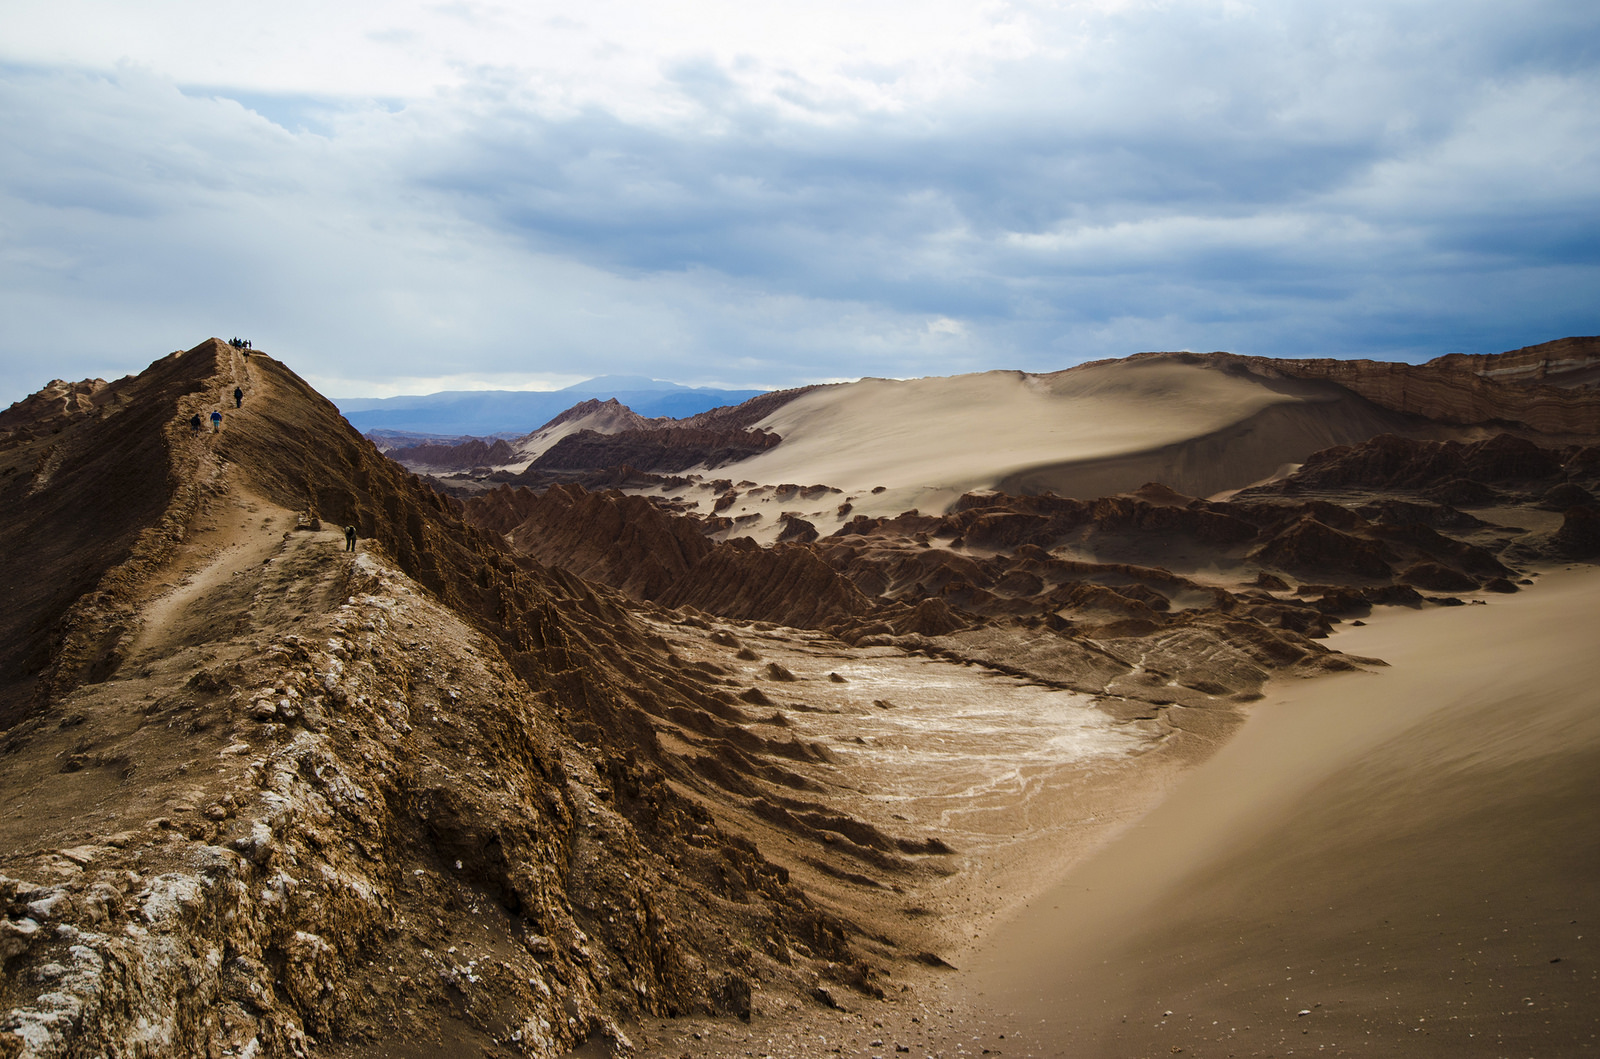 Stockfoto van de woestijn van San Pedro de Atacama in Chili.